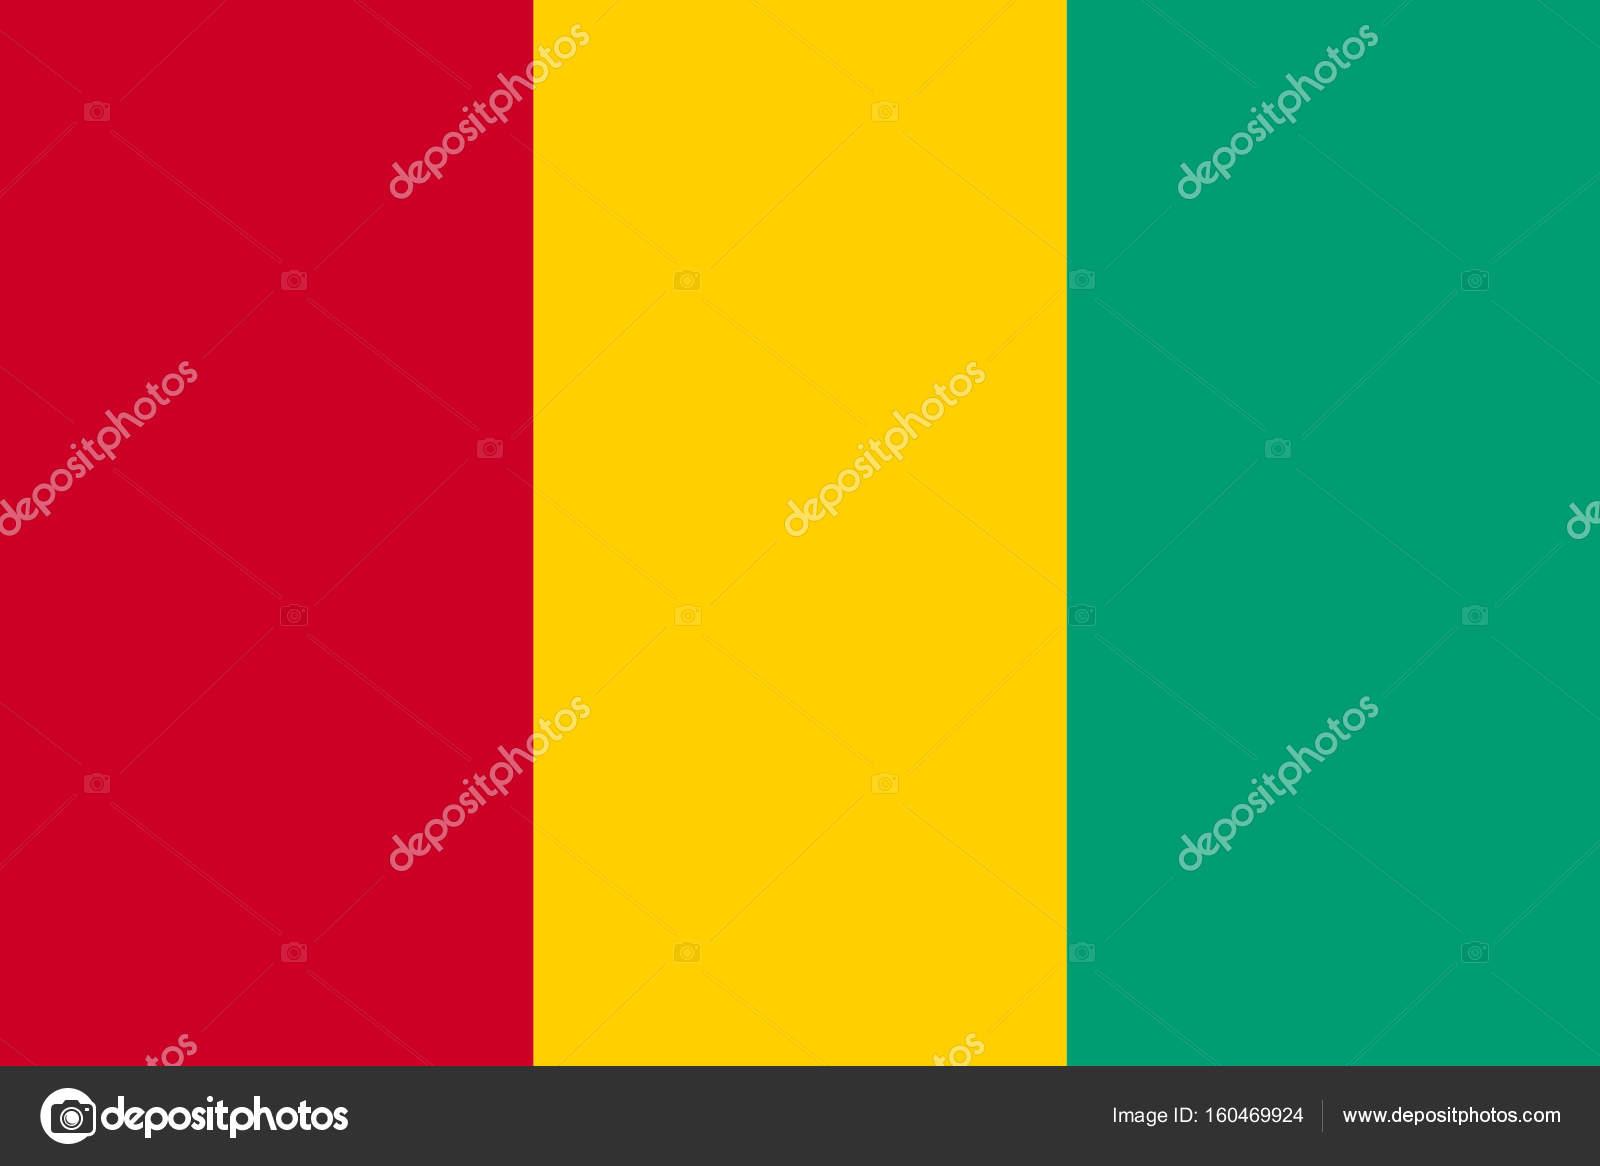 Verde pais bandera y de de es amarillo rojo color que